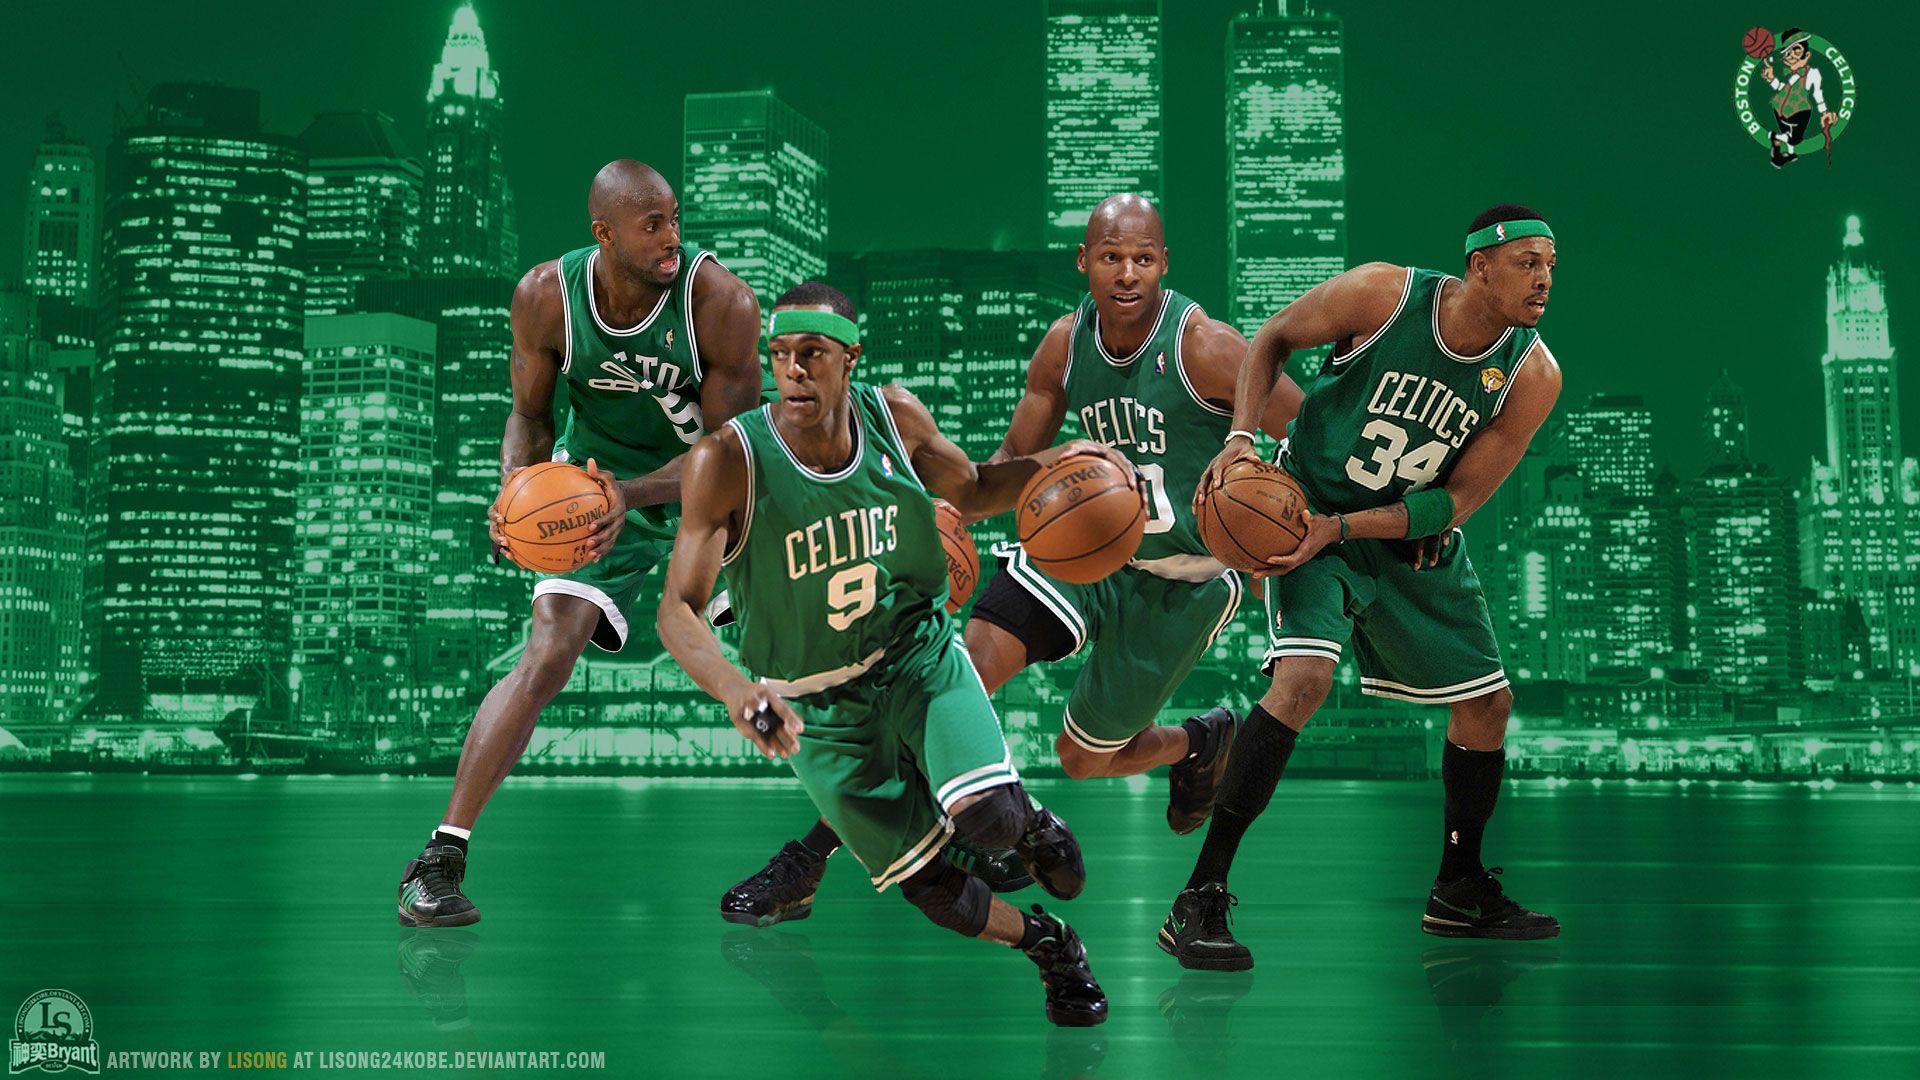 Celtics Computer Wallpaper Best Wallpaper Hd Boston Celtics Wallpaper Boston Celtics Basketball Star